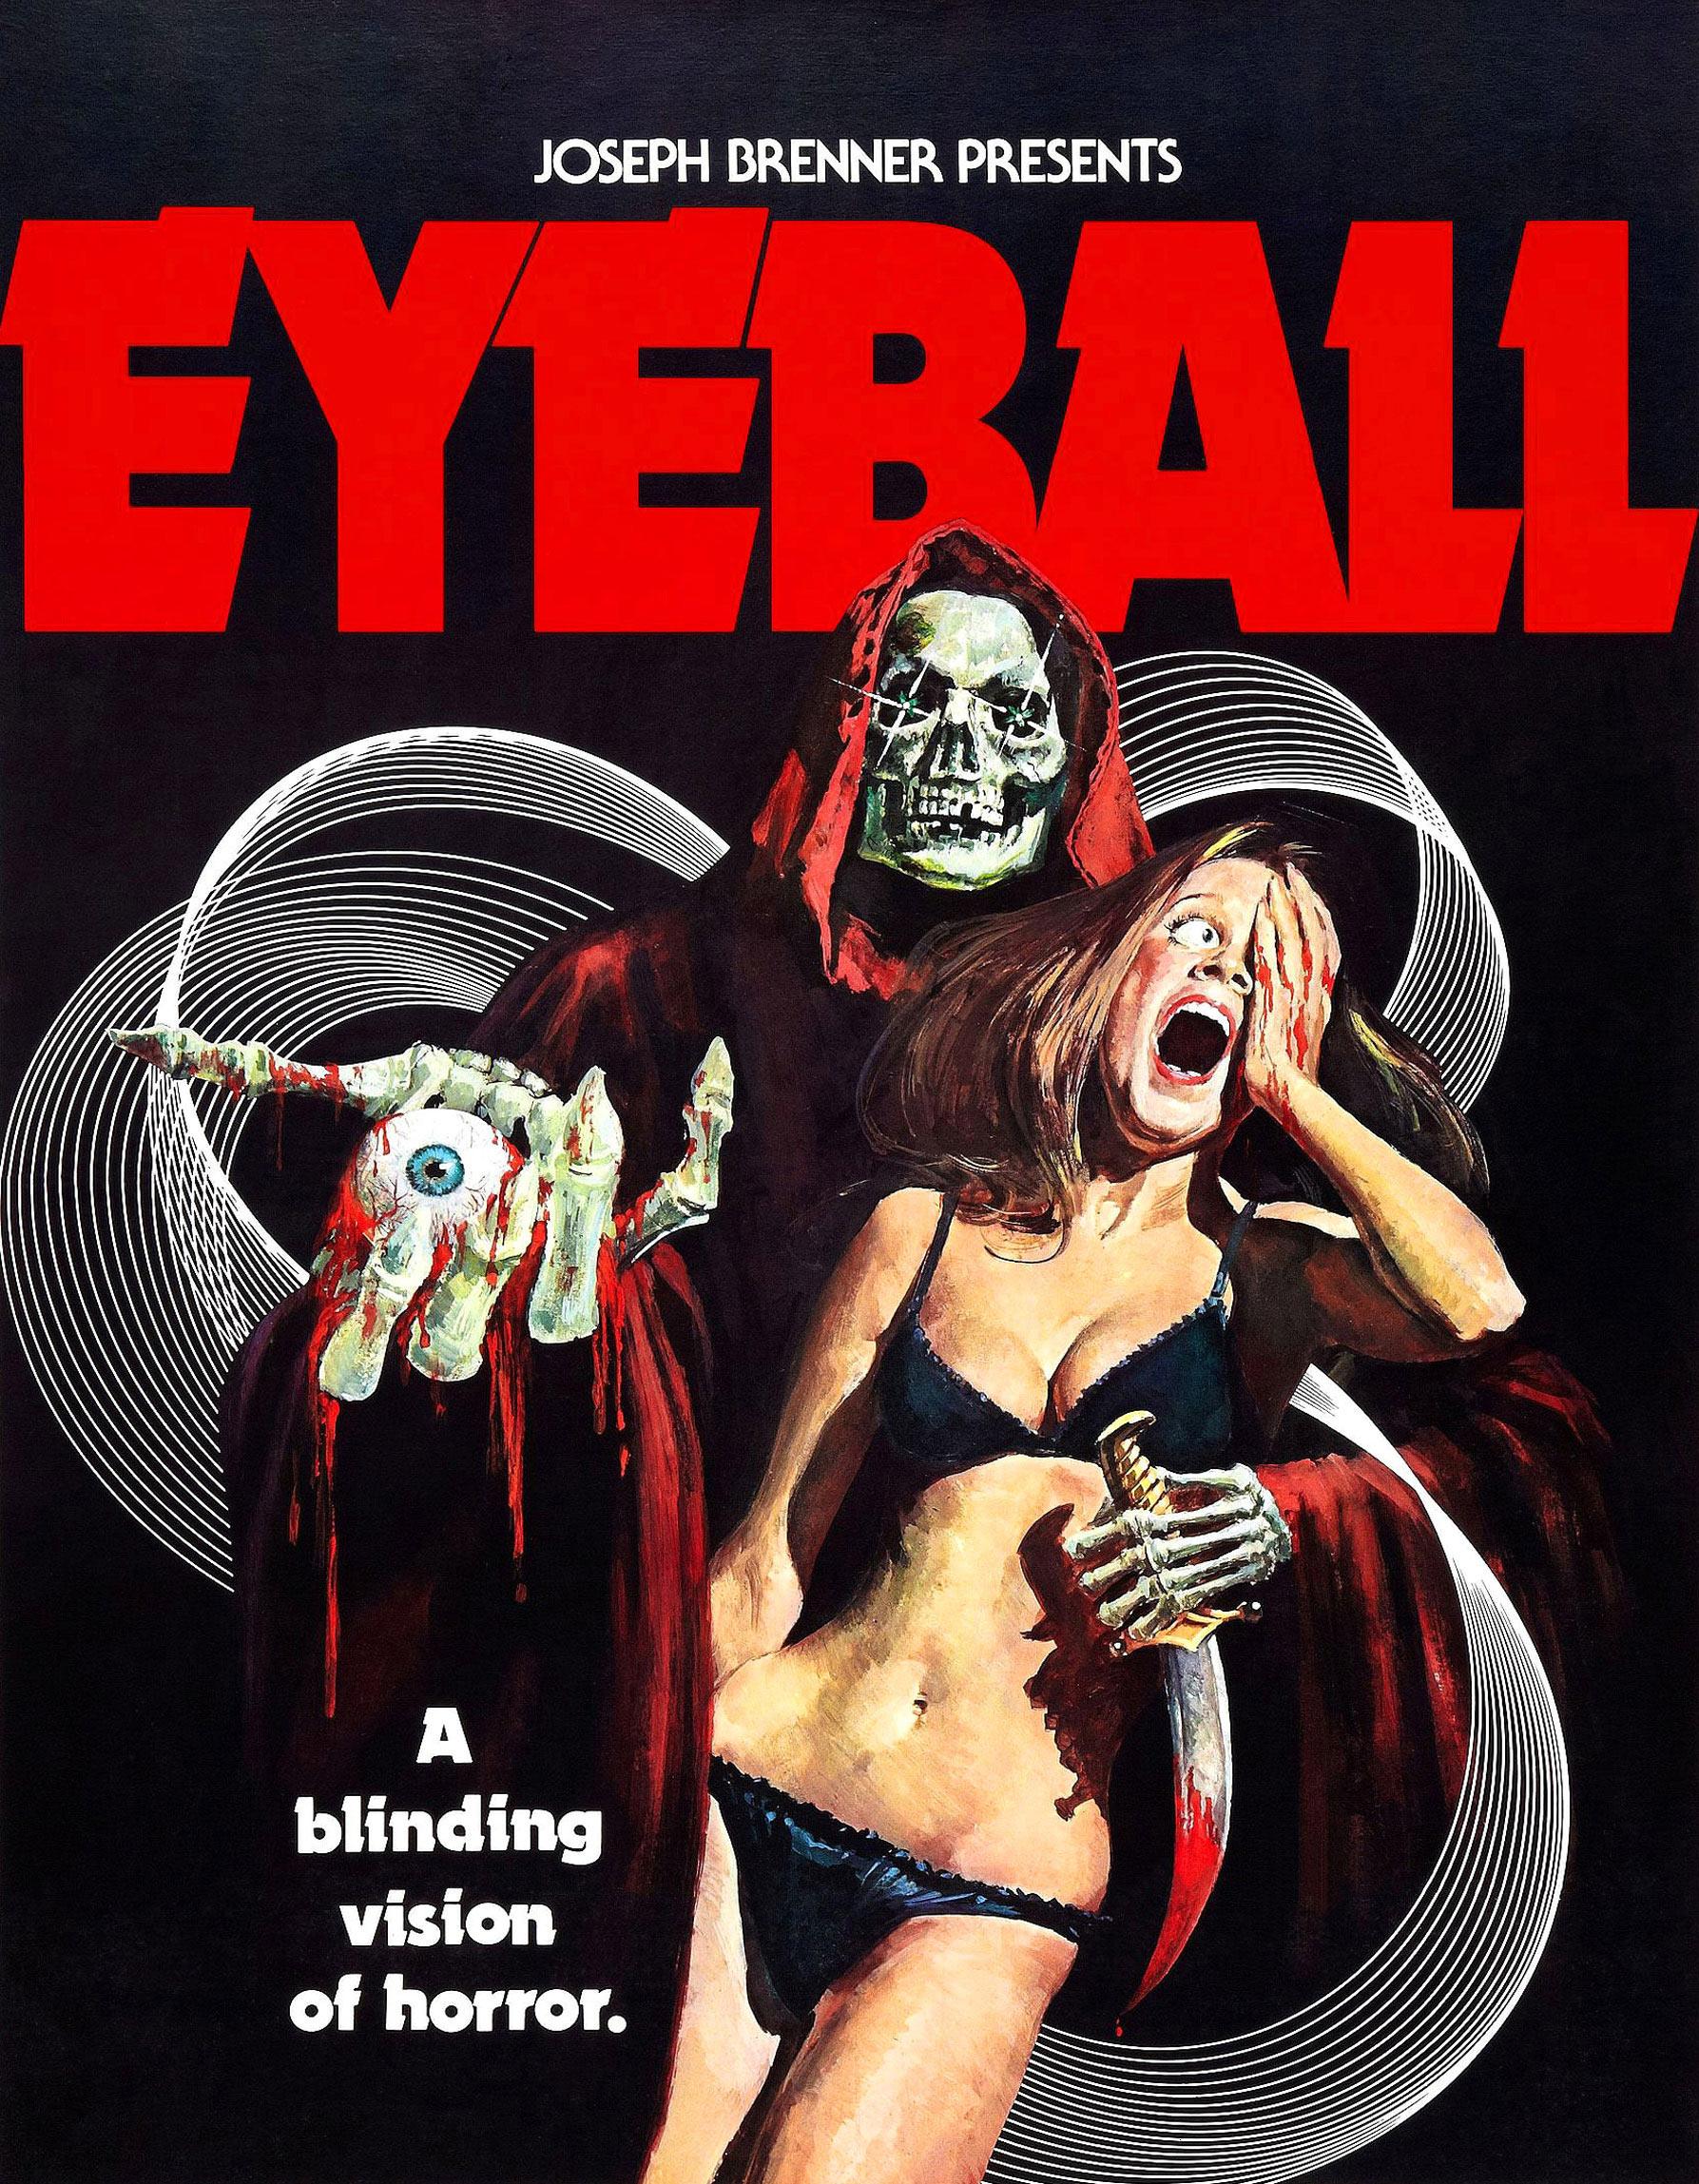 eyeball poster 2